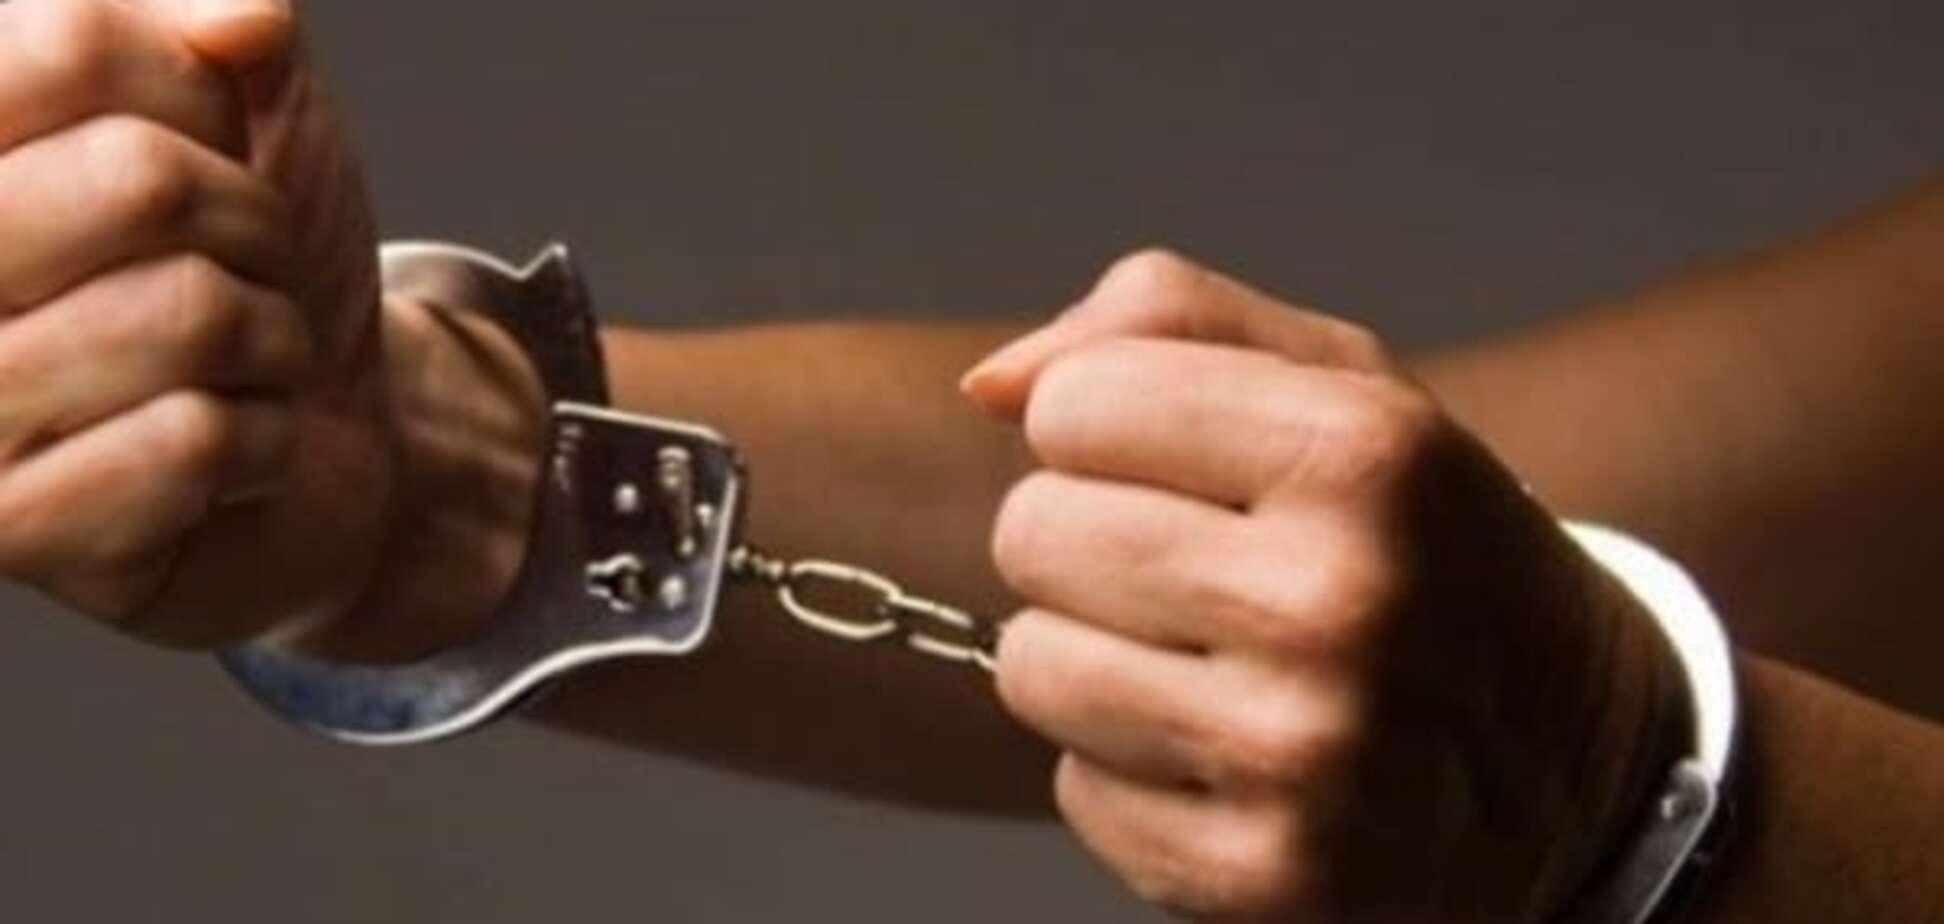 У Києві псевдоміліціонер одягнув на школяра наручники і пограбував